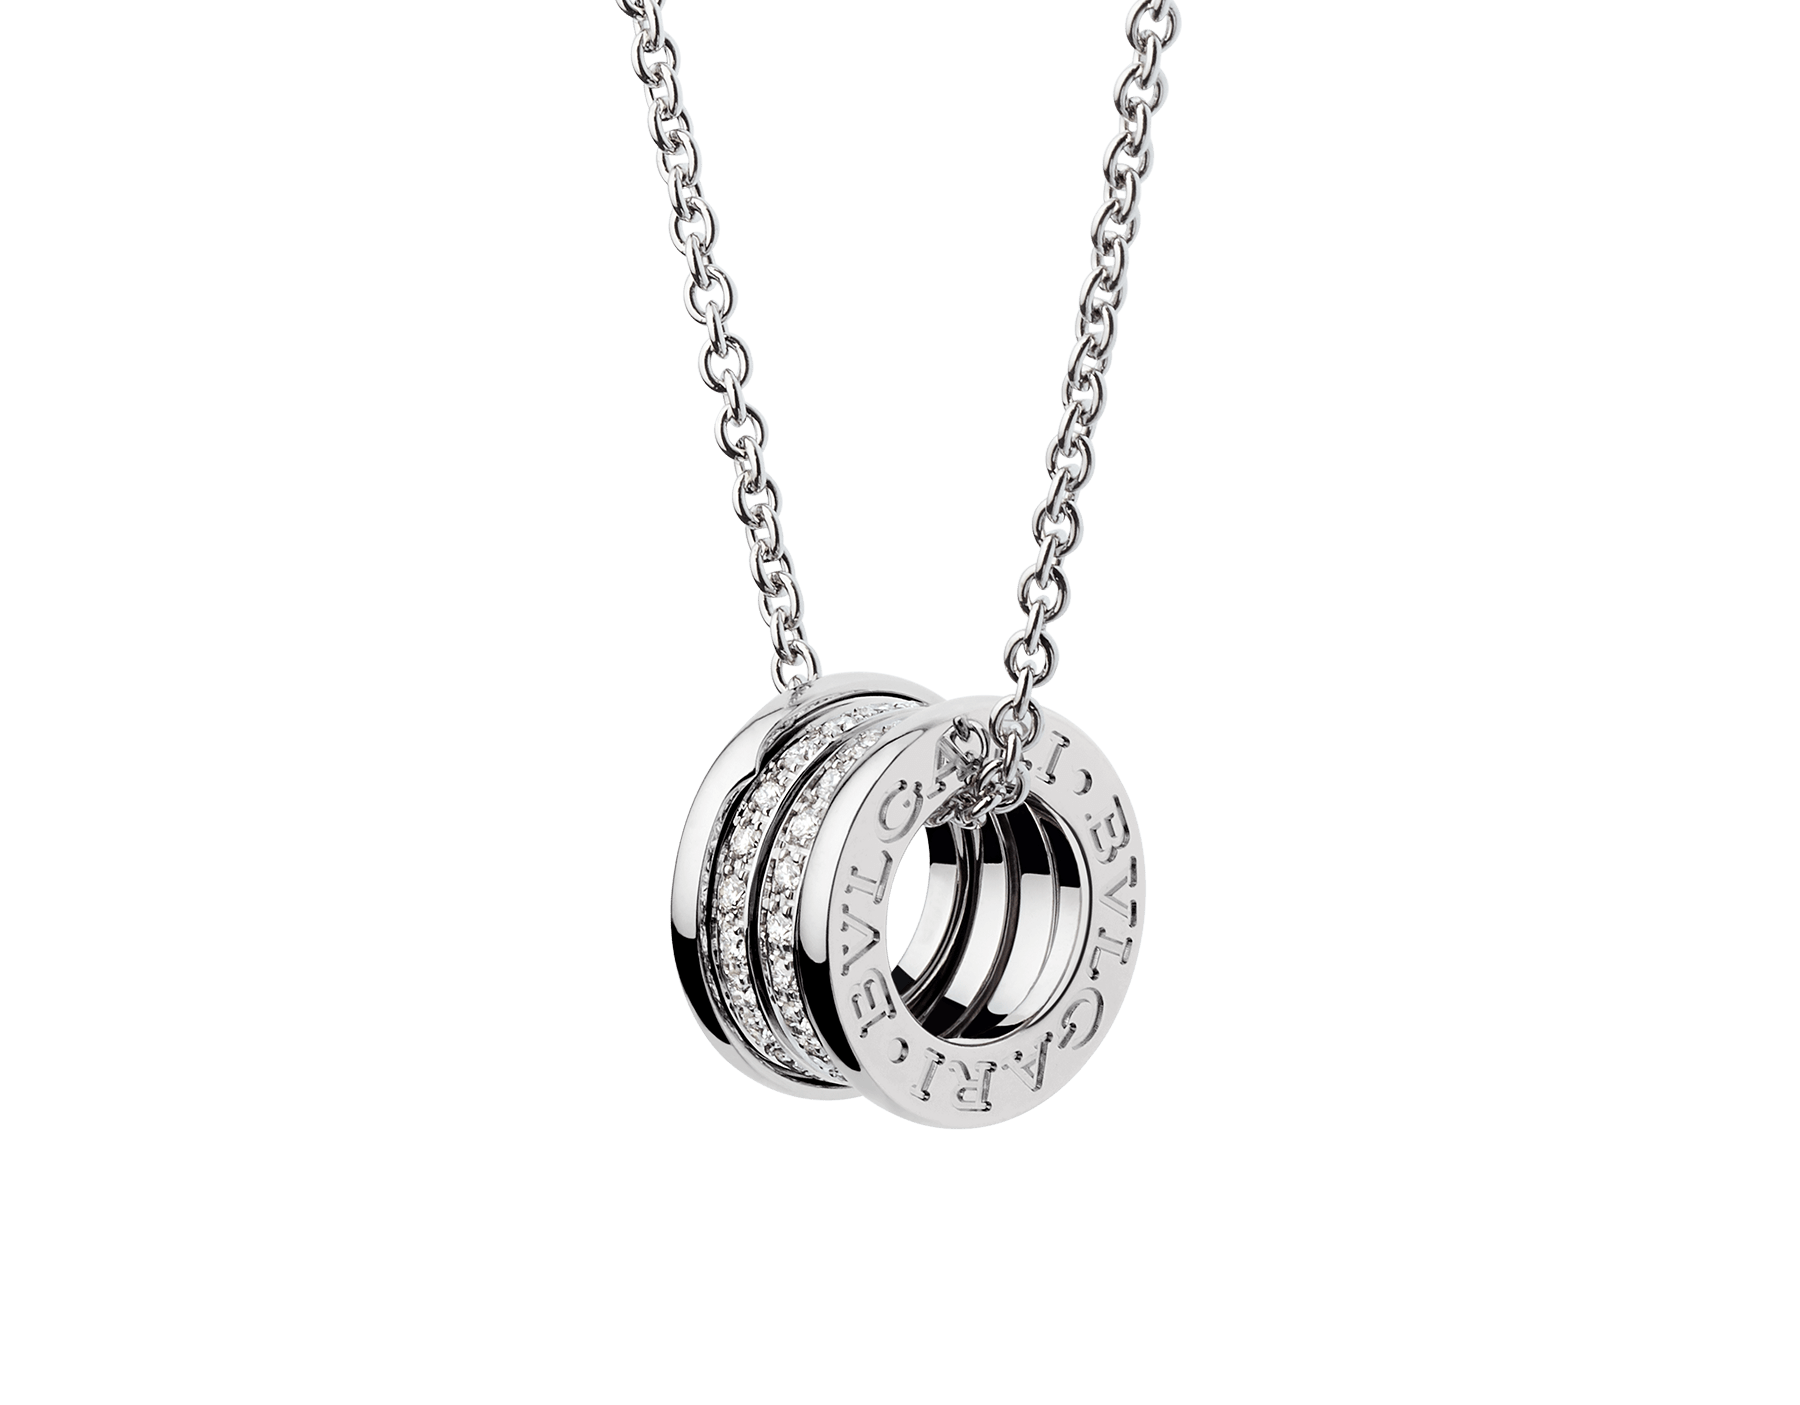 Con la emblemática espiral esculpida con un precioso pavé de diamantes alrededor de una cadena en oro blanco, el collar B.zero1 fusiona su distintivo diseño con la elegancia contemporánea. 352816 image 1